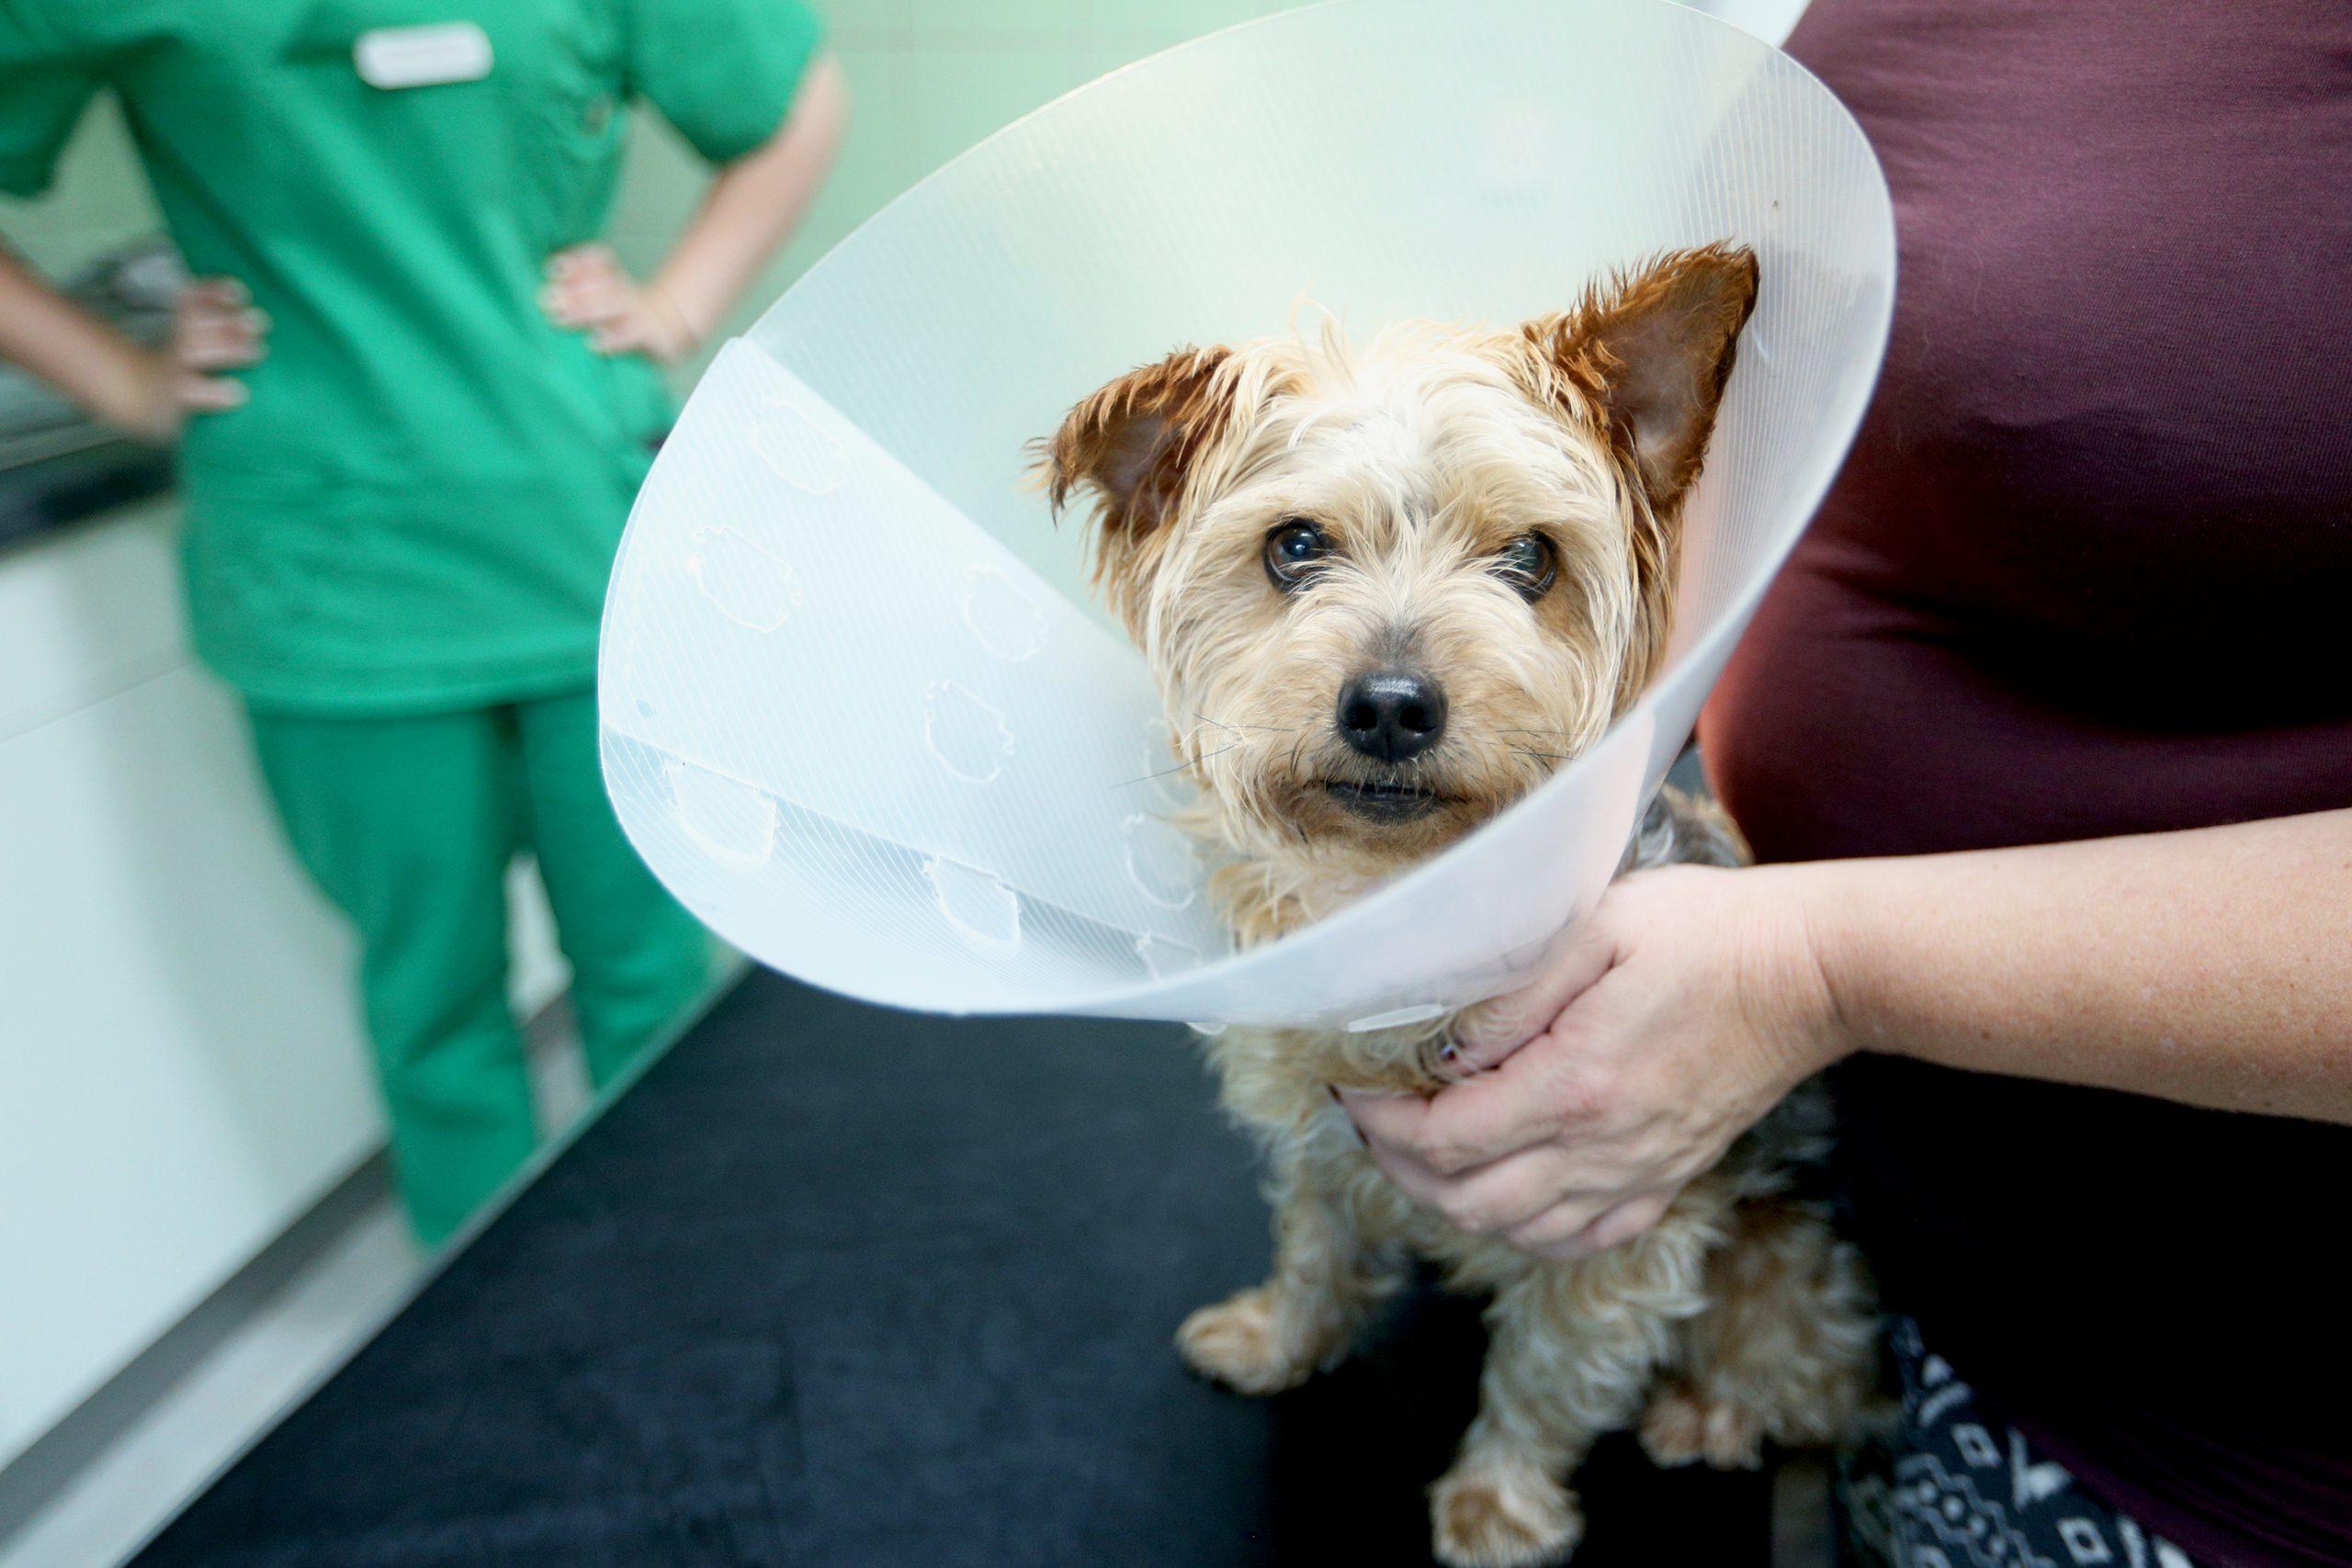 Ventajas y desventajas de castrar al perro